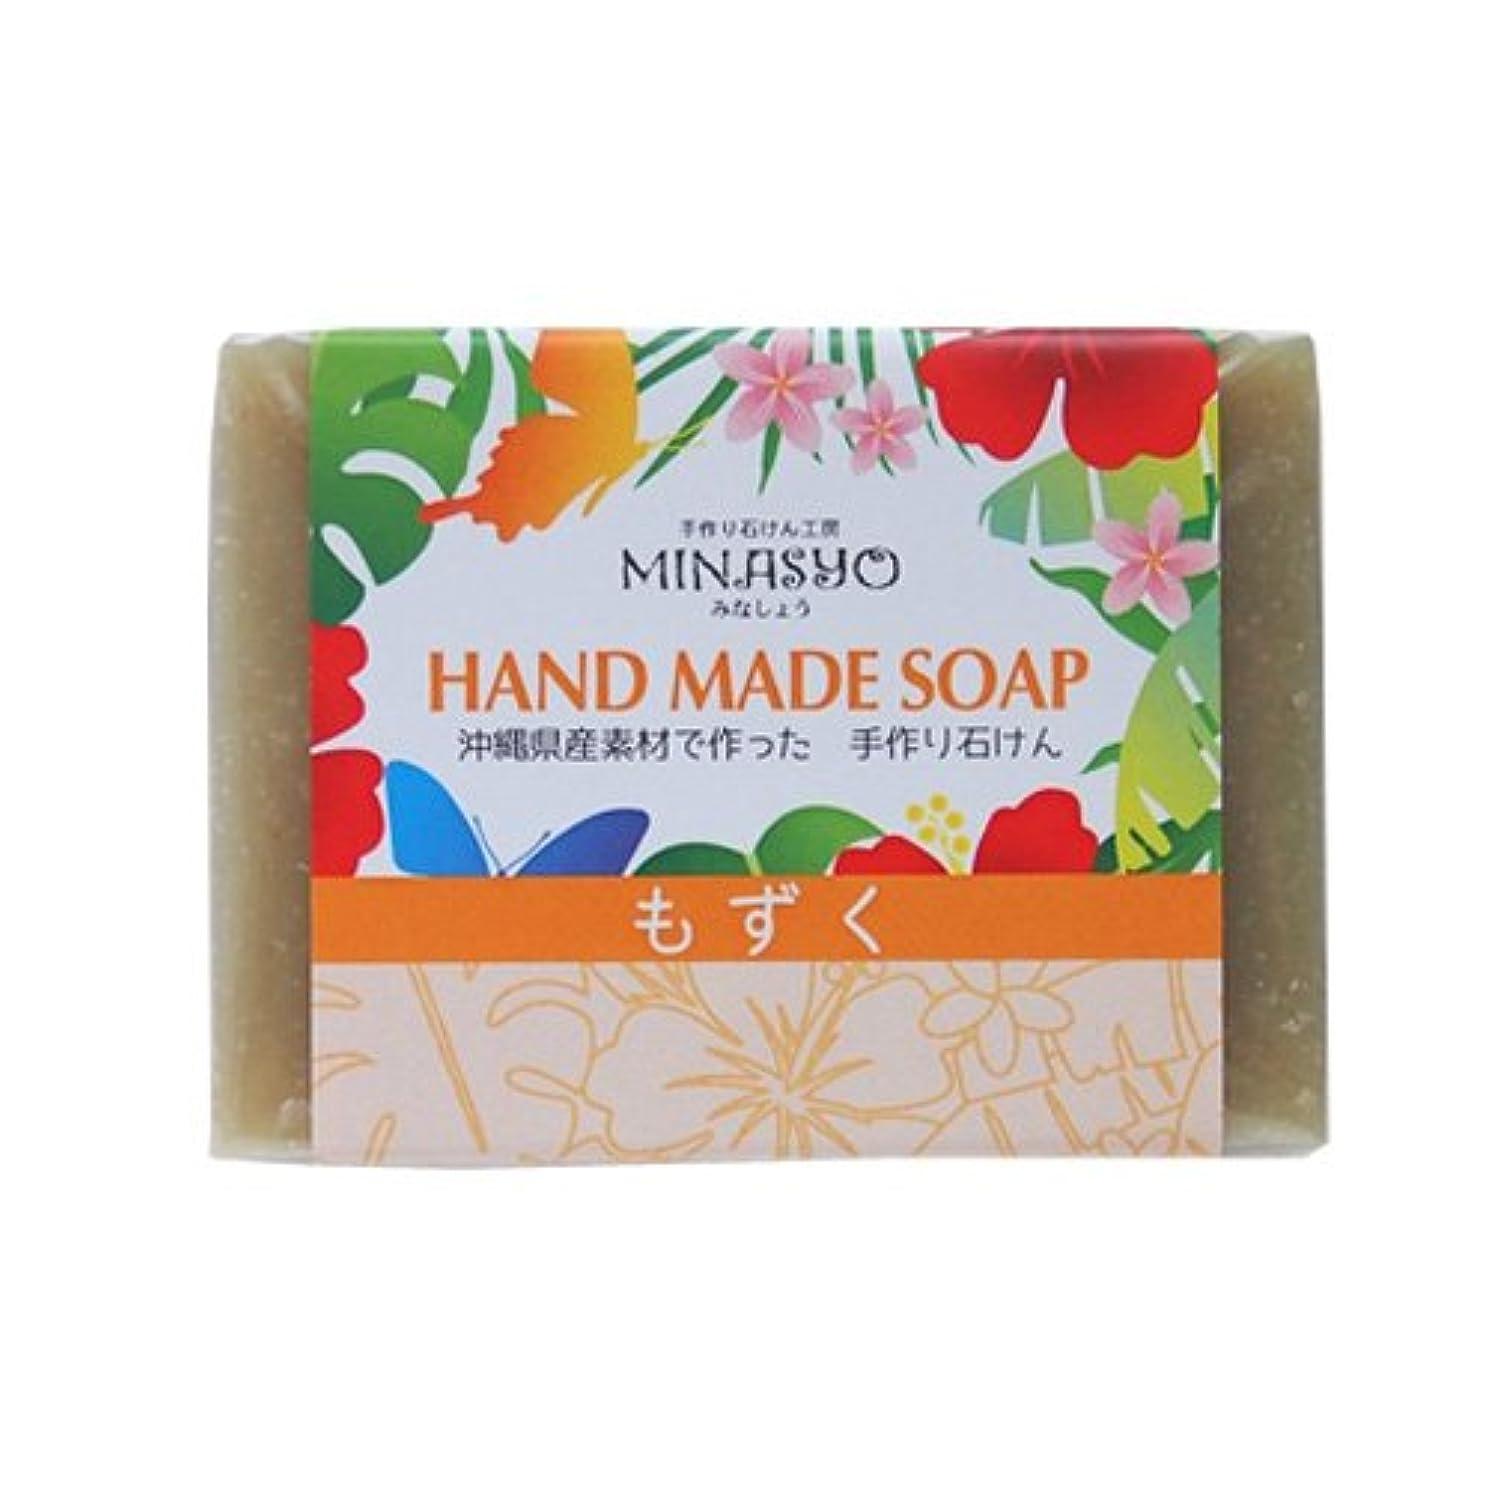 より多いどれでも本部洗顔石鹸 固形 無添加 保湿 敏感肌 乾燥肌 手作りもずく石鹸